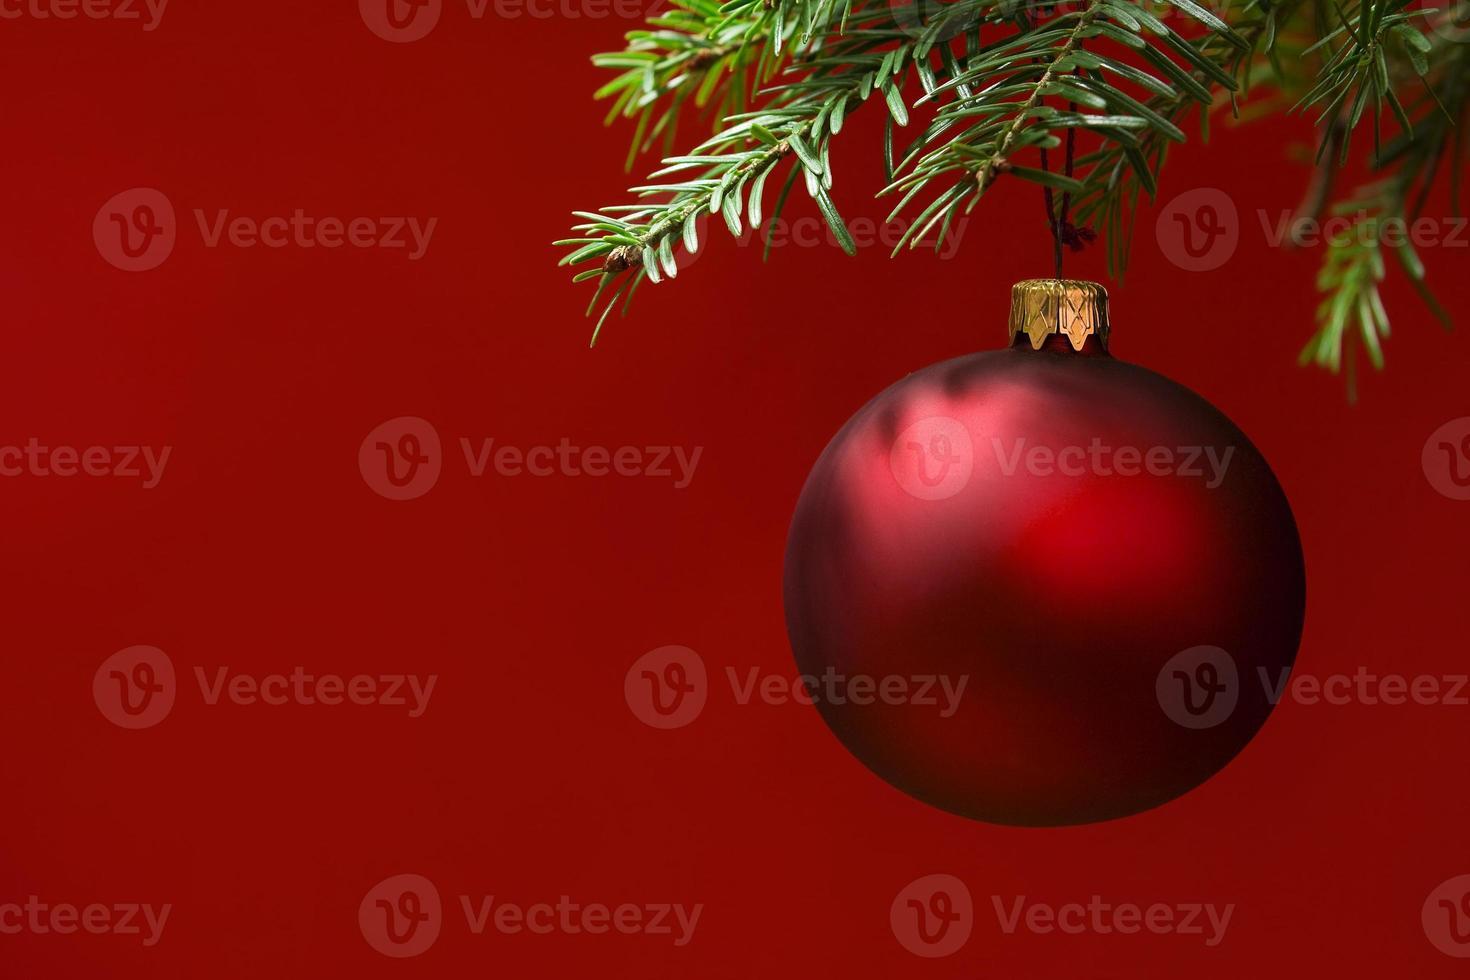 cartolina di Natale con ornamenti pallina rossa. sfondo rubicondo foto